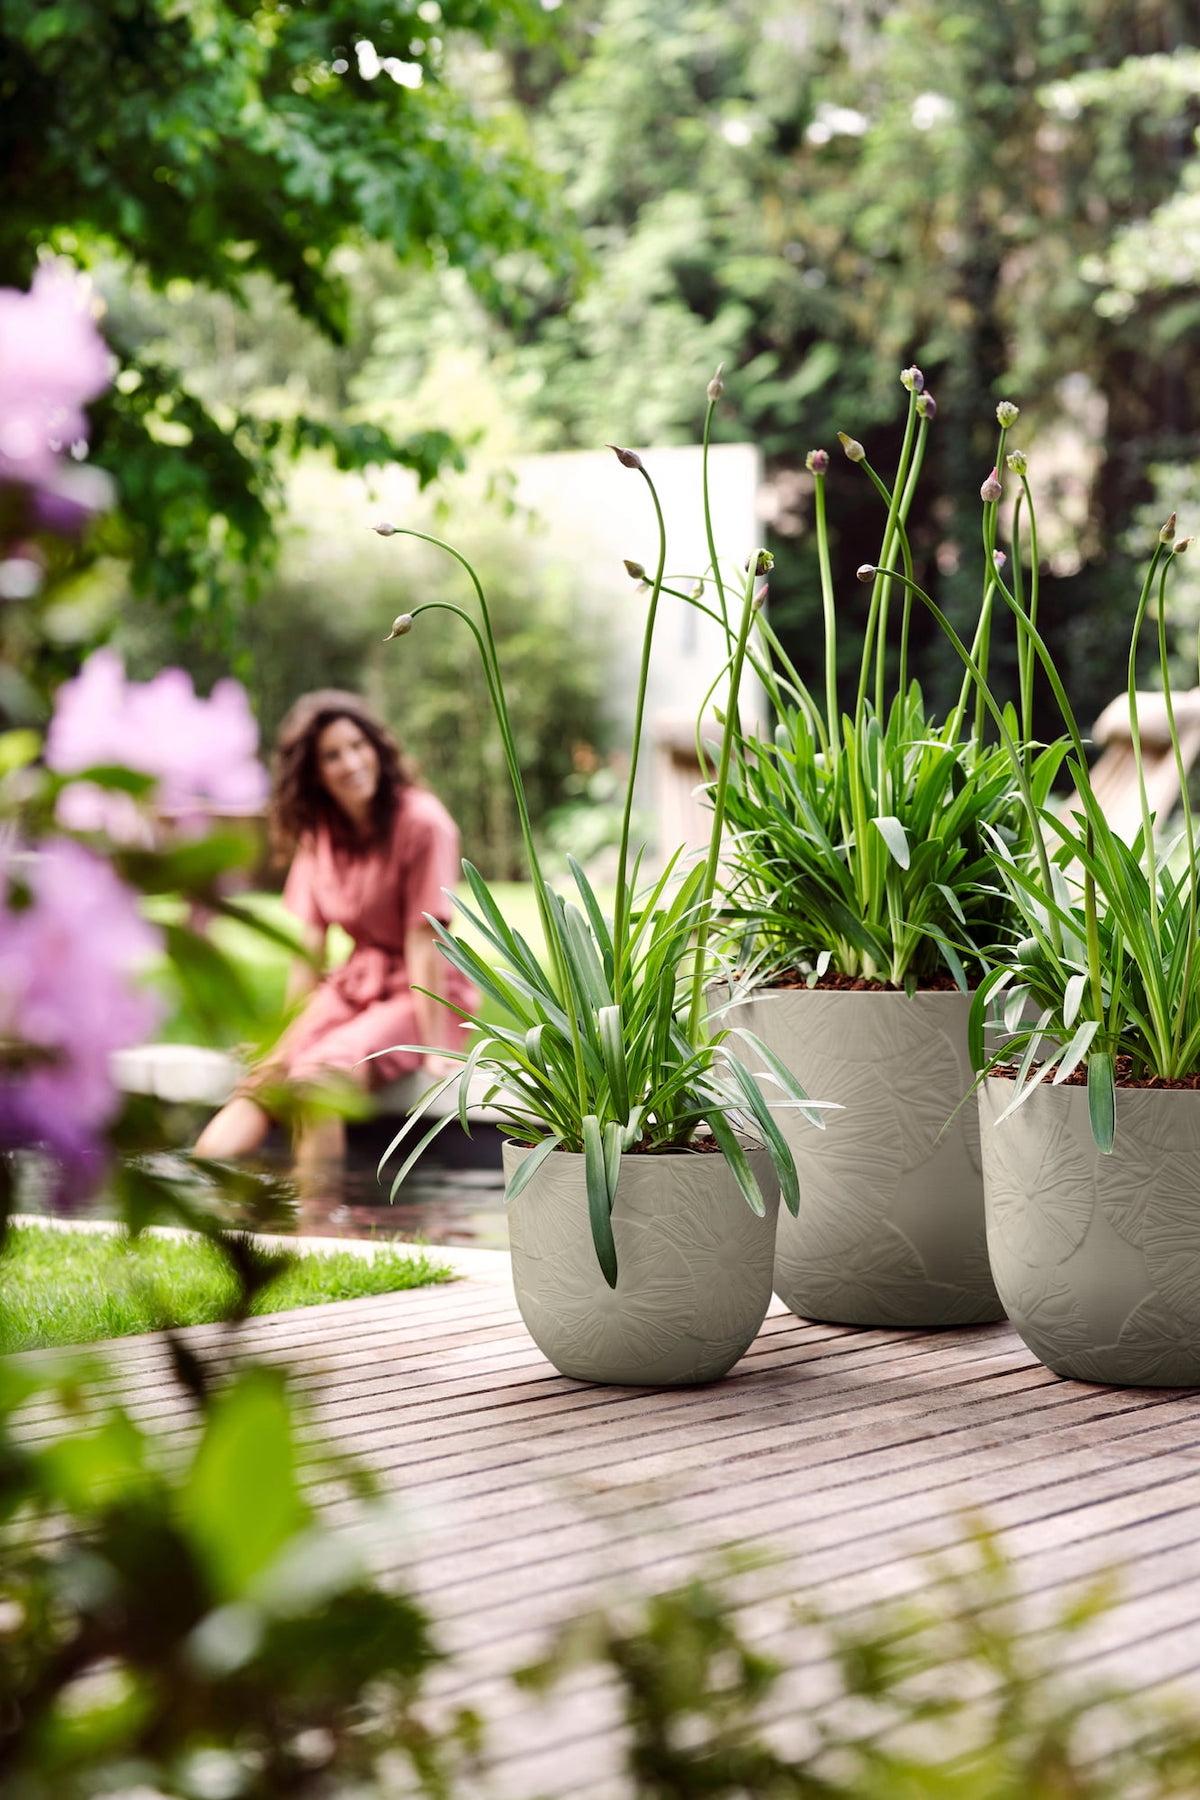 fuente pot fleur motif 3d feuille gris jardin harmonie composition